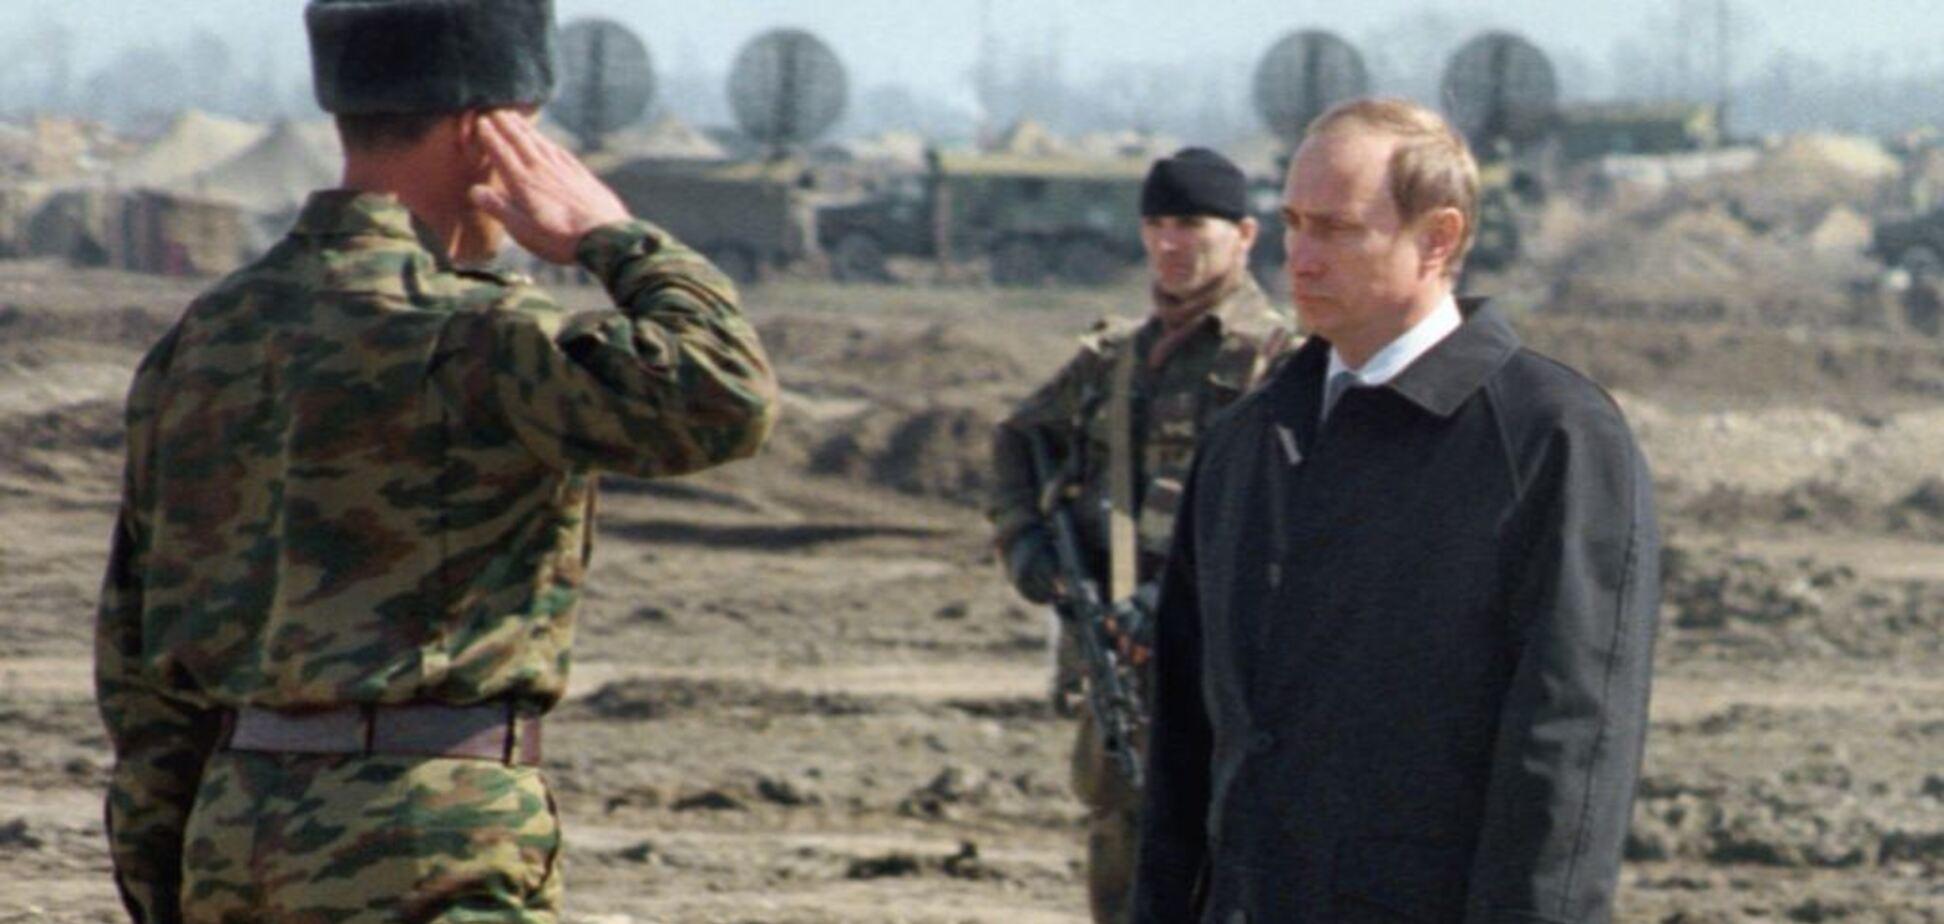 Как Путин пообещал 'мочить' террористов 'в сортире'